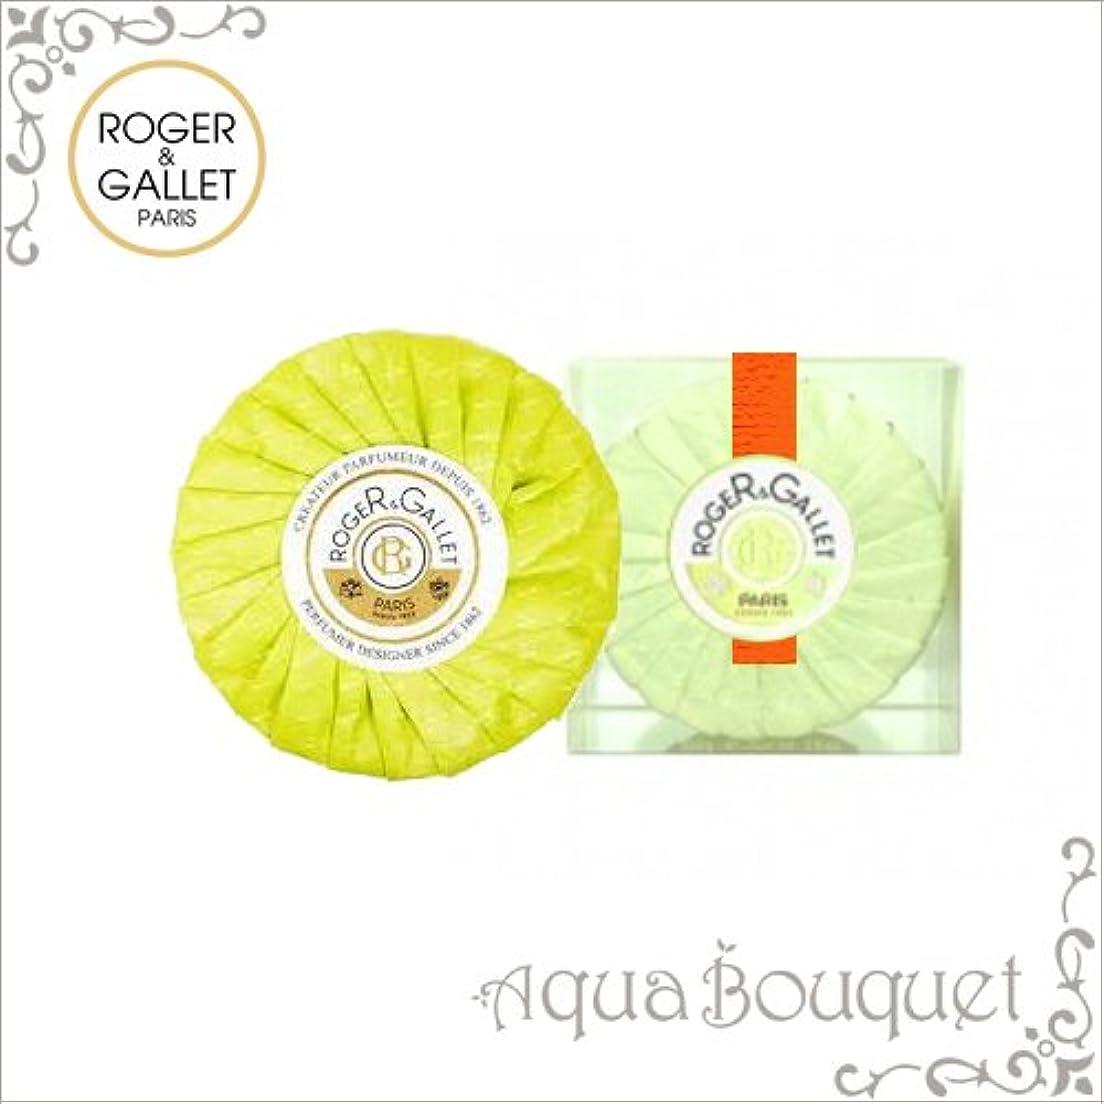 冷える出演者義務づけるロジェガレ オスマンティウスパフューム 香水石鹸 100g ROGER&GALLET FLEUR D'OSMANTHUS PERFUMED SOAP [1278](プラスチック簡易ケース入り) [並行輸入品]